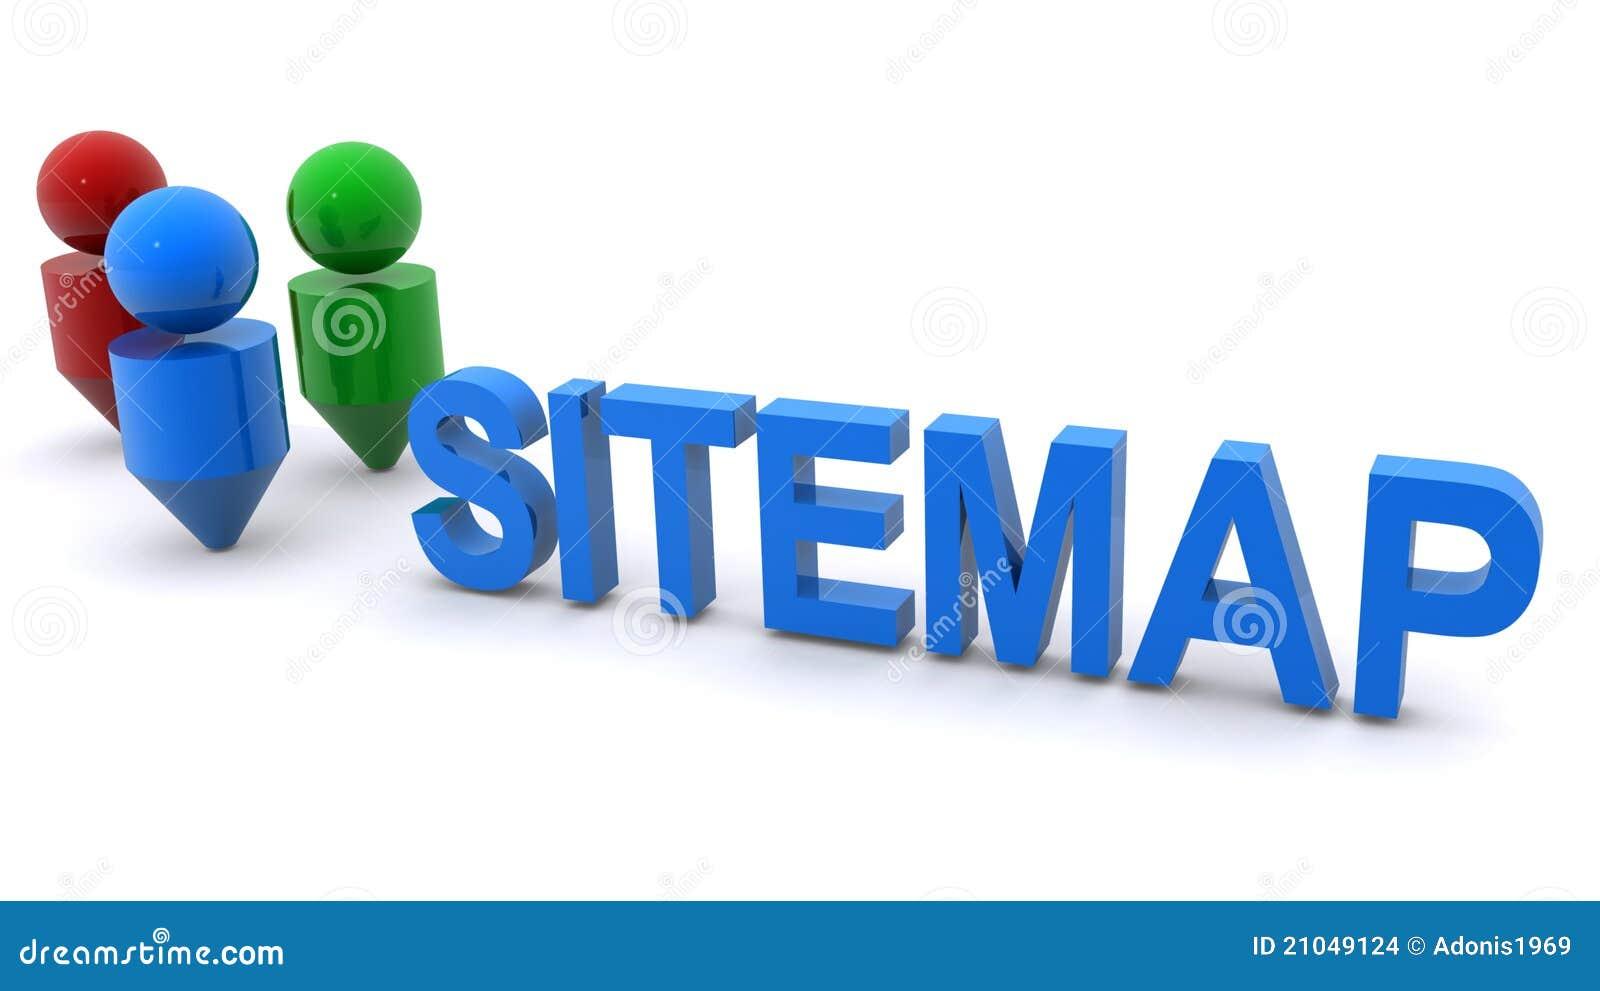 Ilustração de Sitemap